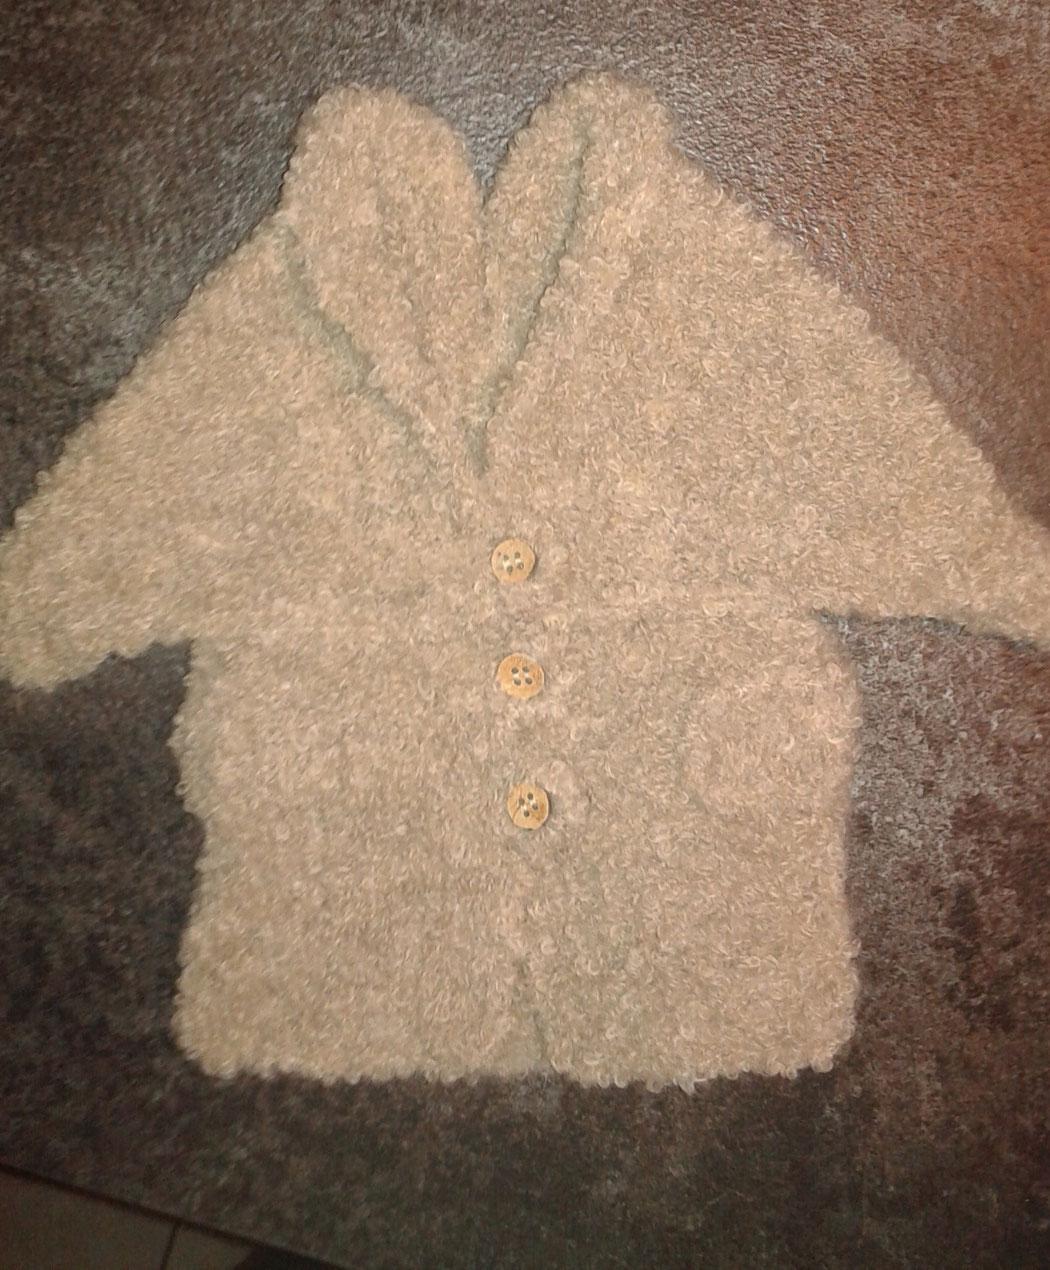 petit manteau cache épaule en laine bouclette trés douce taille 1 mois 40 €